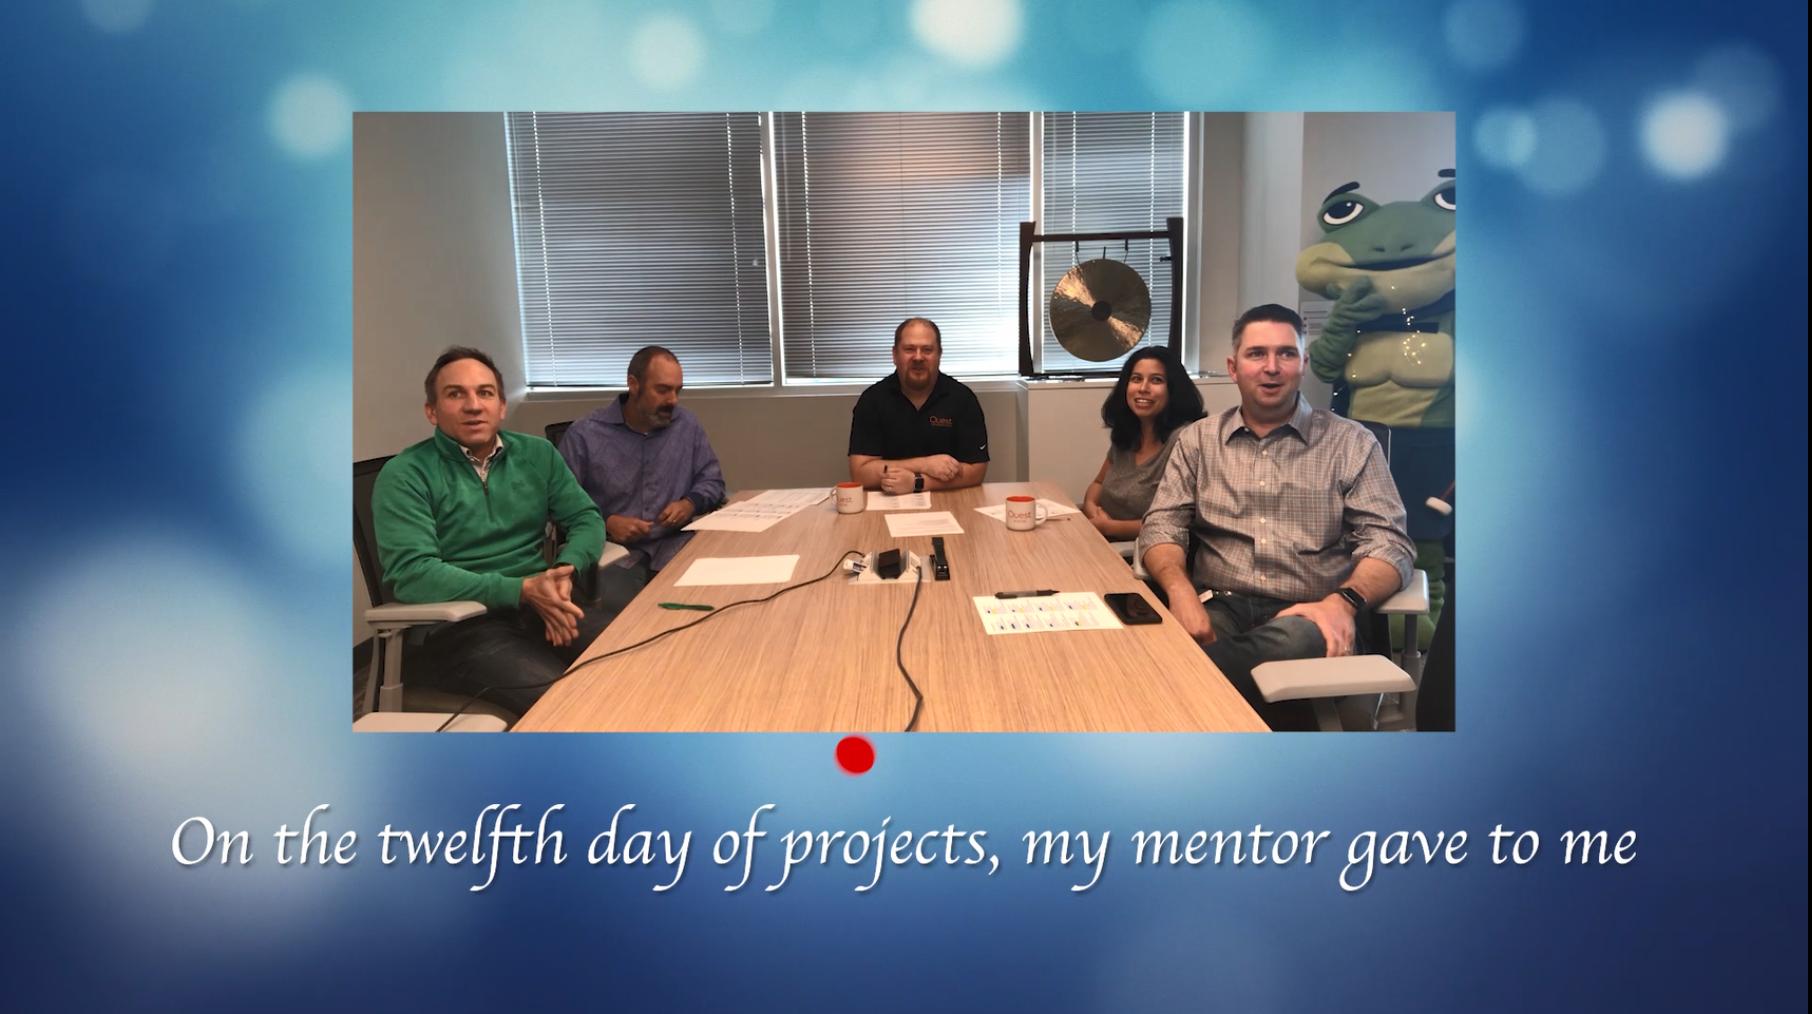 Twelfth Day - 12 Days